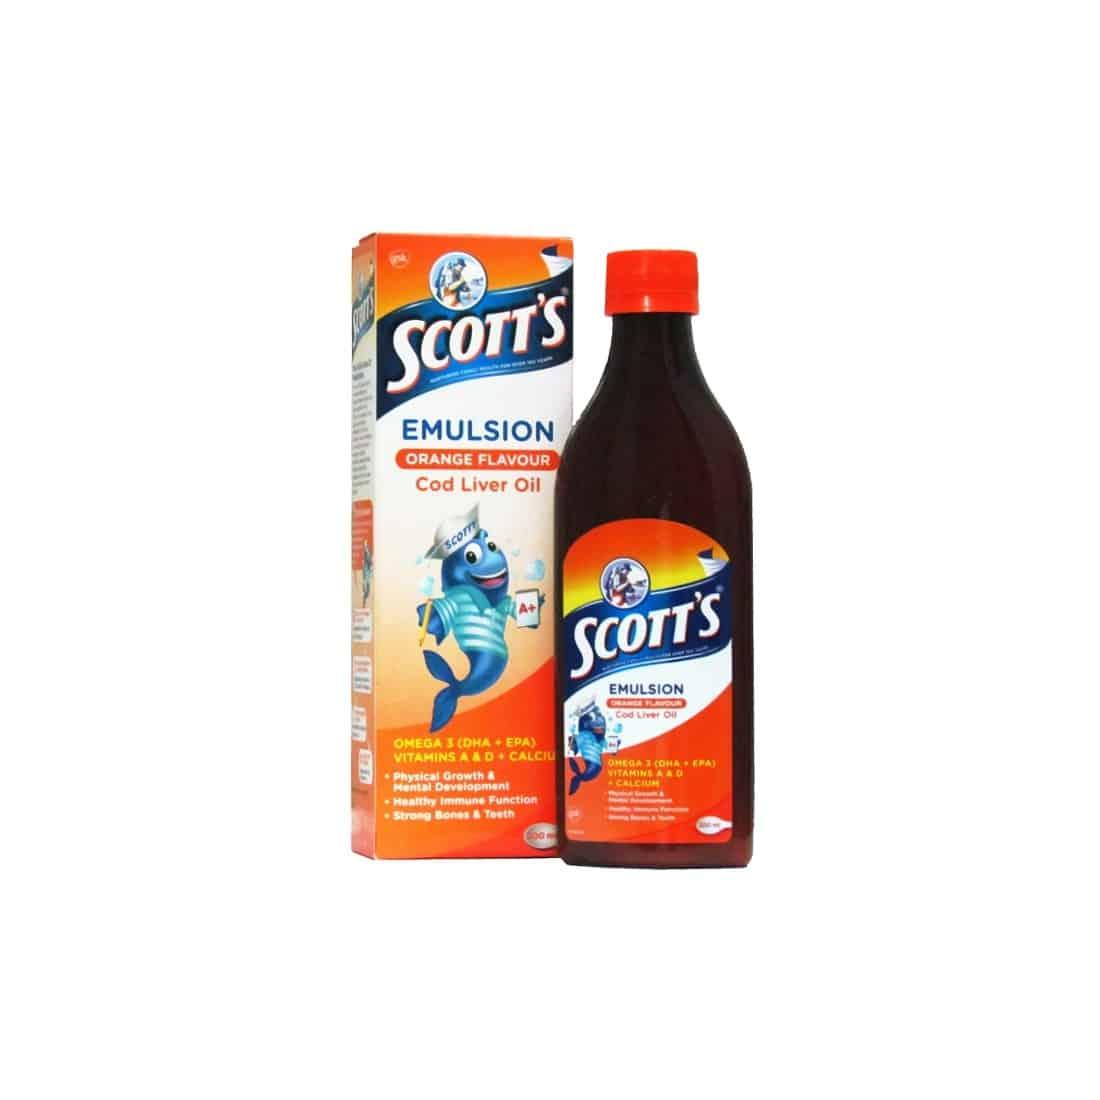 Scott's-Emulsion